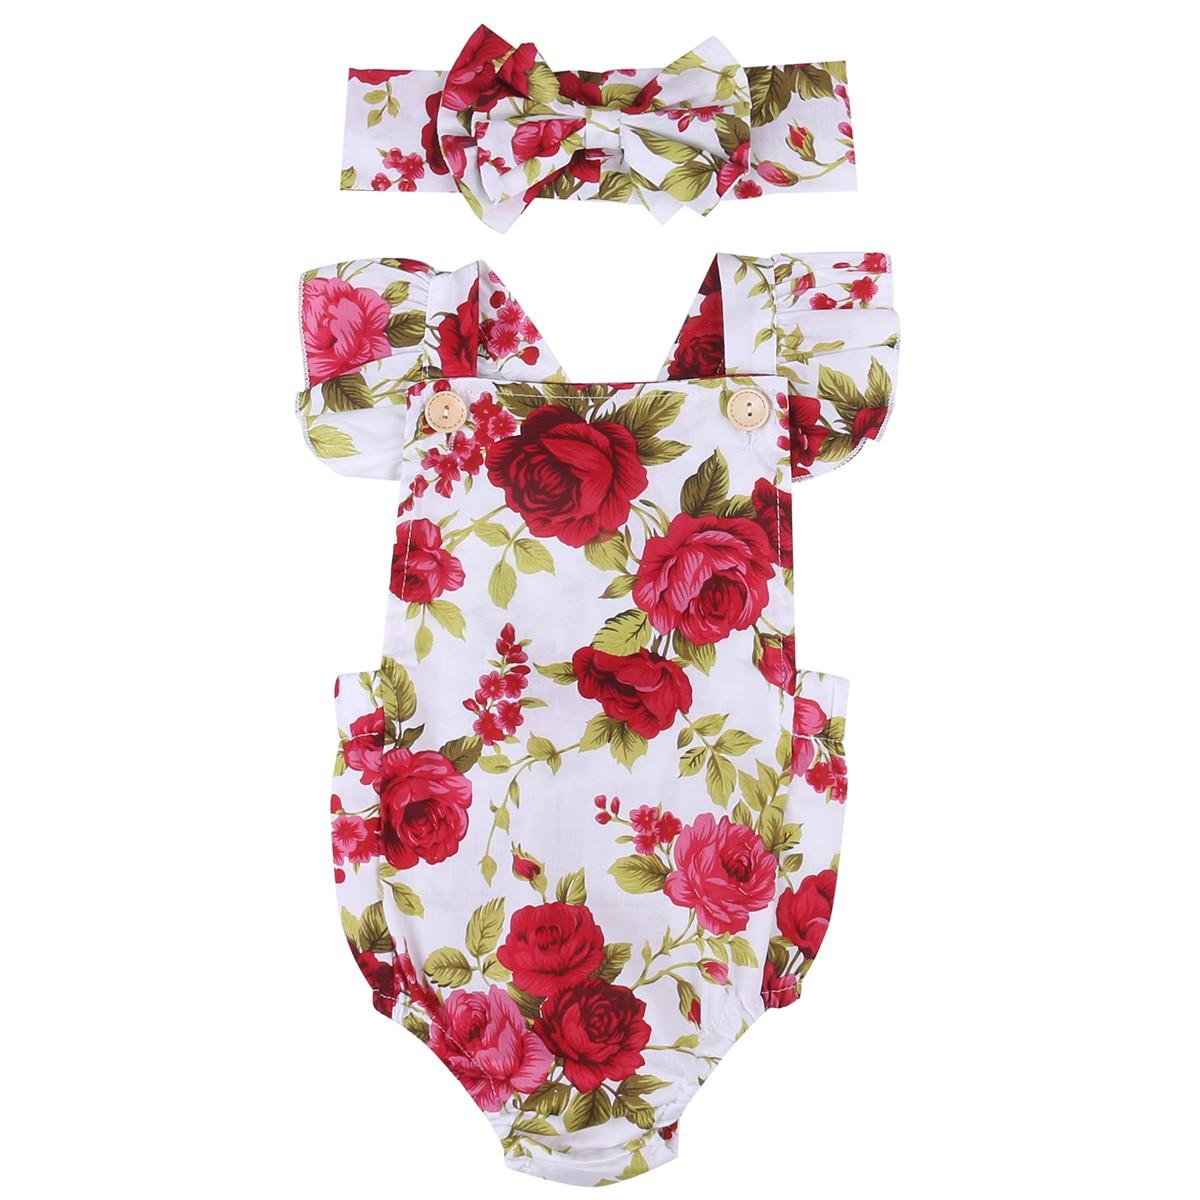 Bodysuit Outfits Baby Girl Recém-nascidos de Manga Curta Flor Headband 2 pcs Bebê Meninas Roupas Tops Flor Macacão